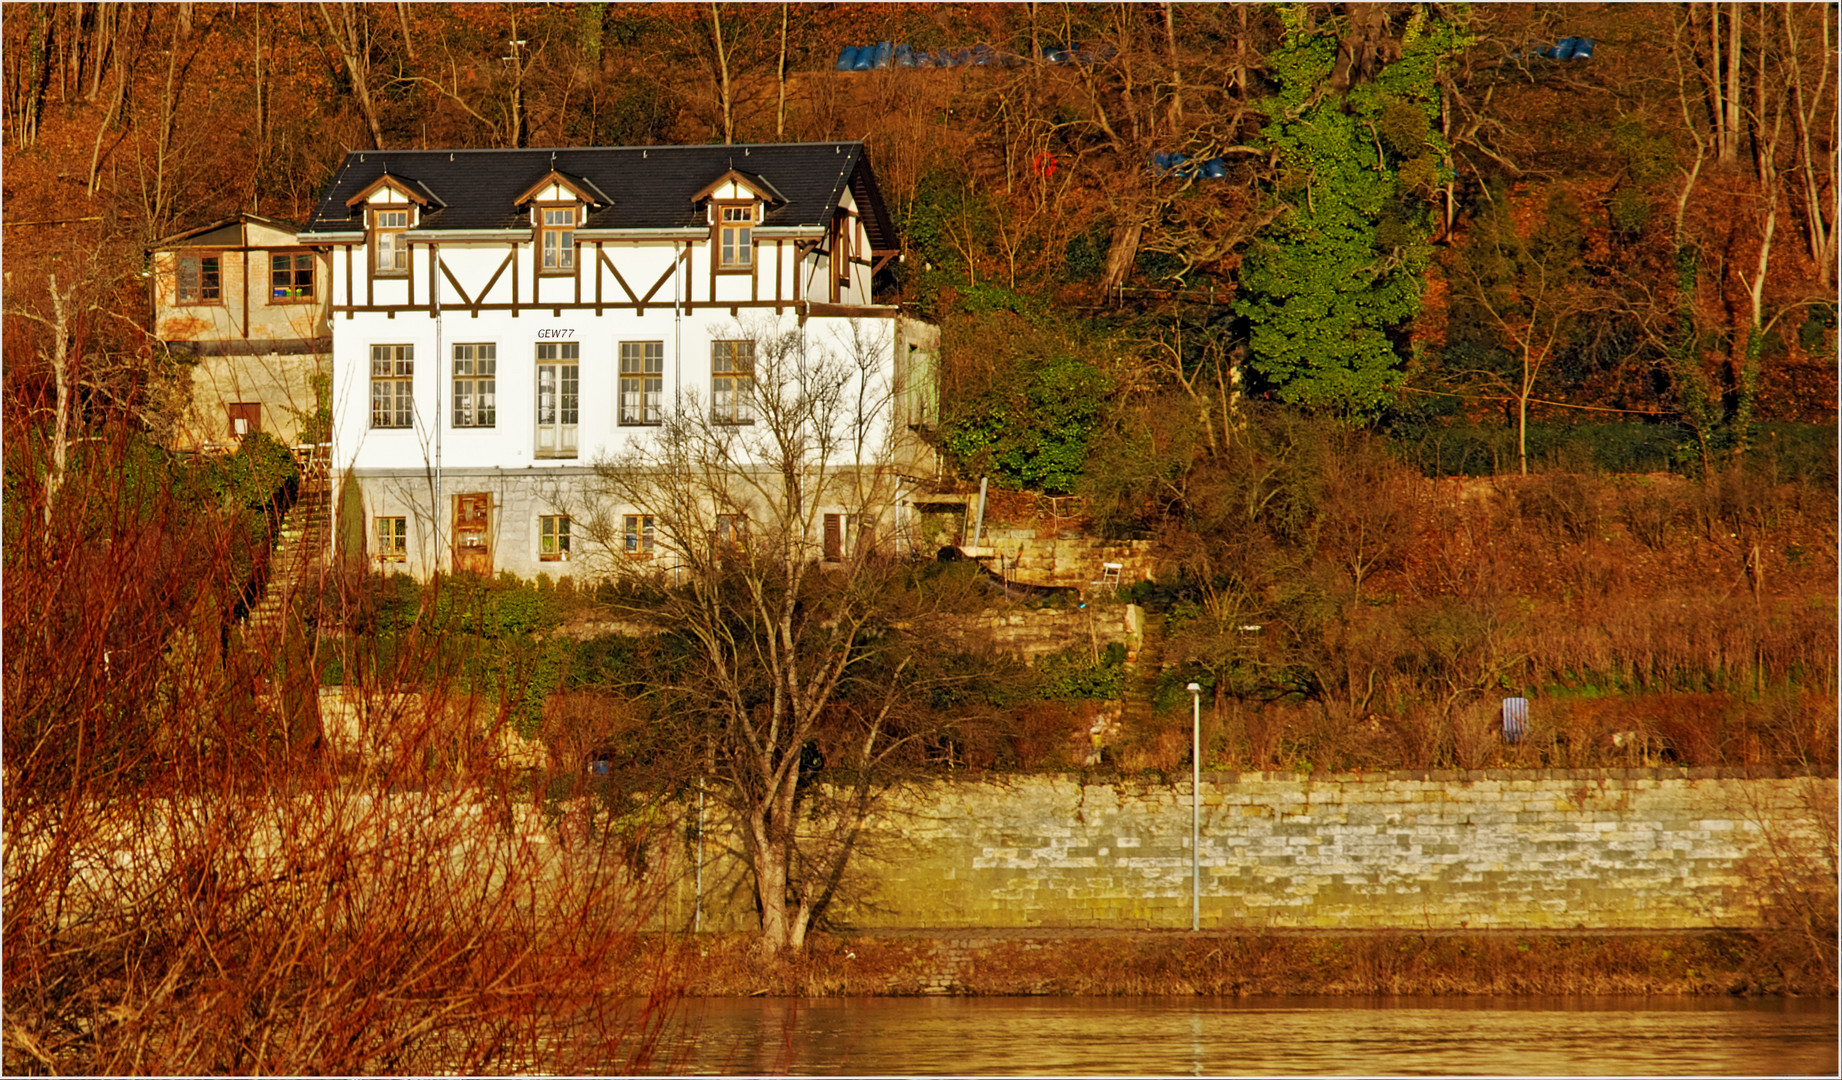 Schönes altes Haus am Fluss